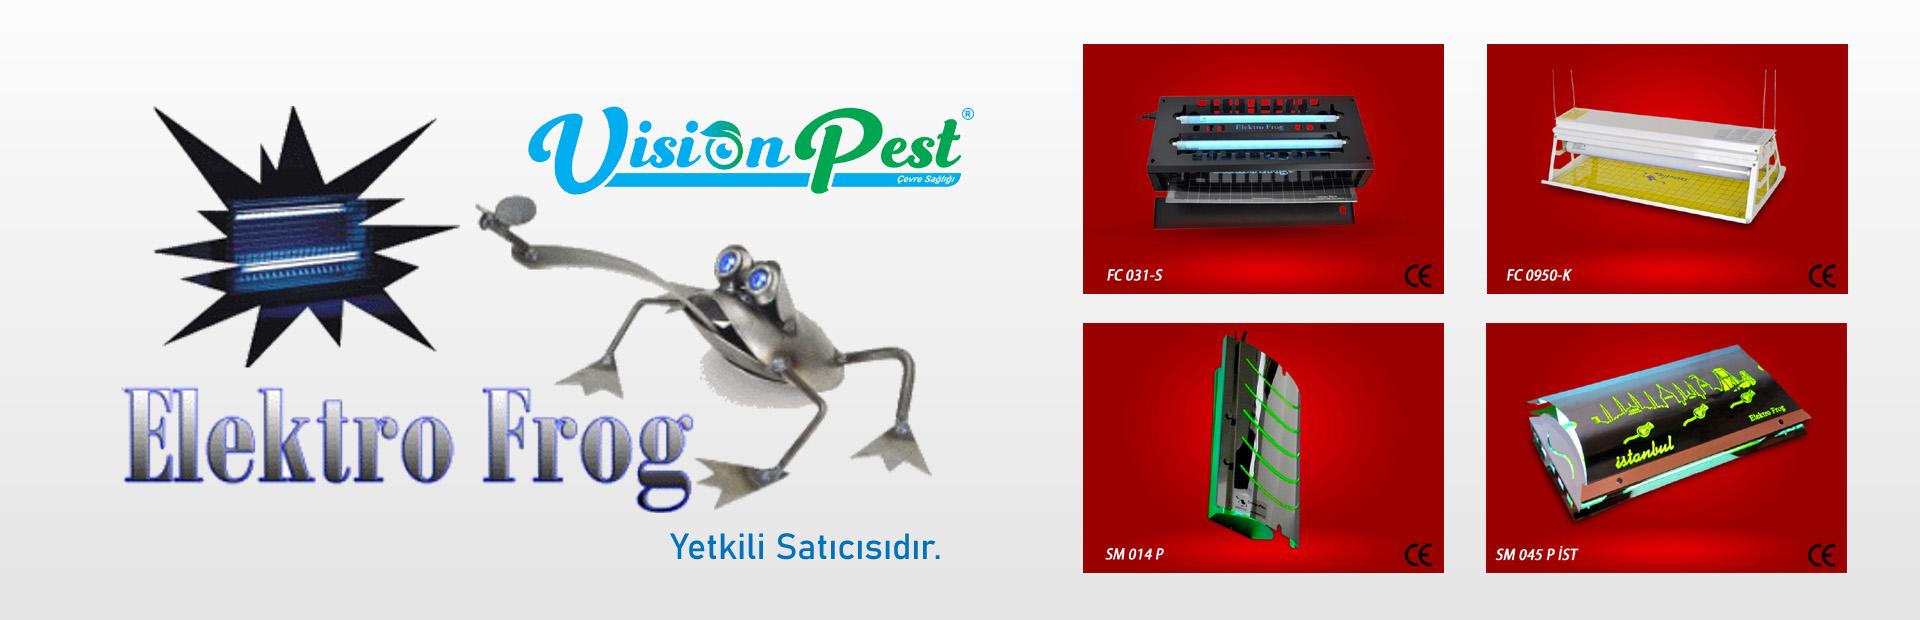 visionpest, elektro frog, elektro frop yetkili satıcısı, elektro frog ürünleri